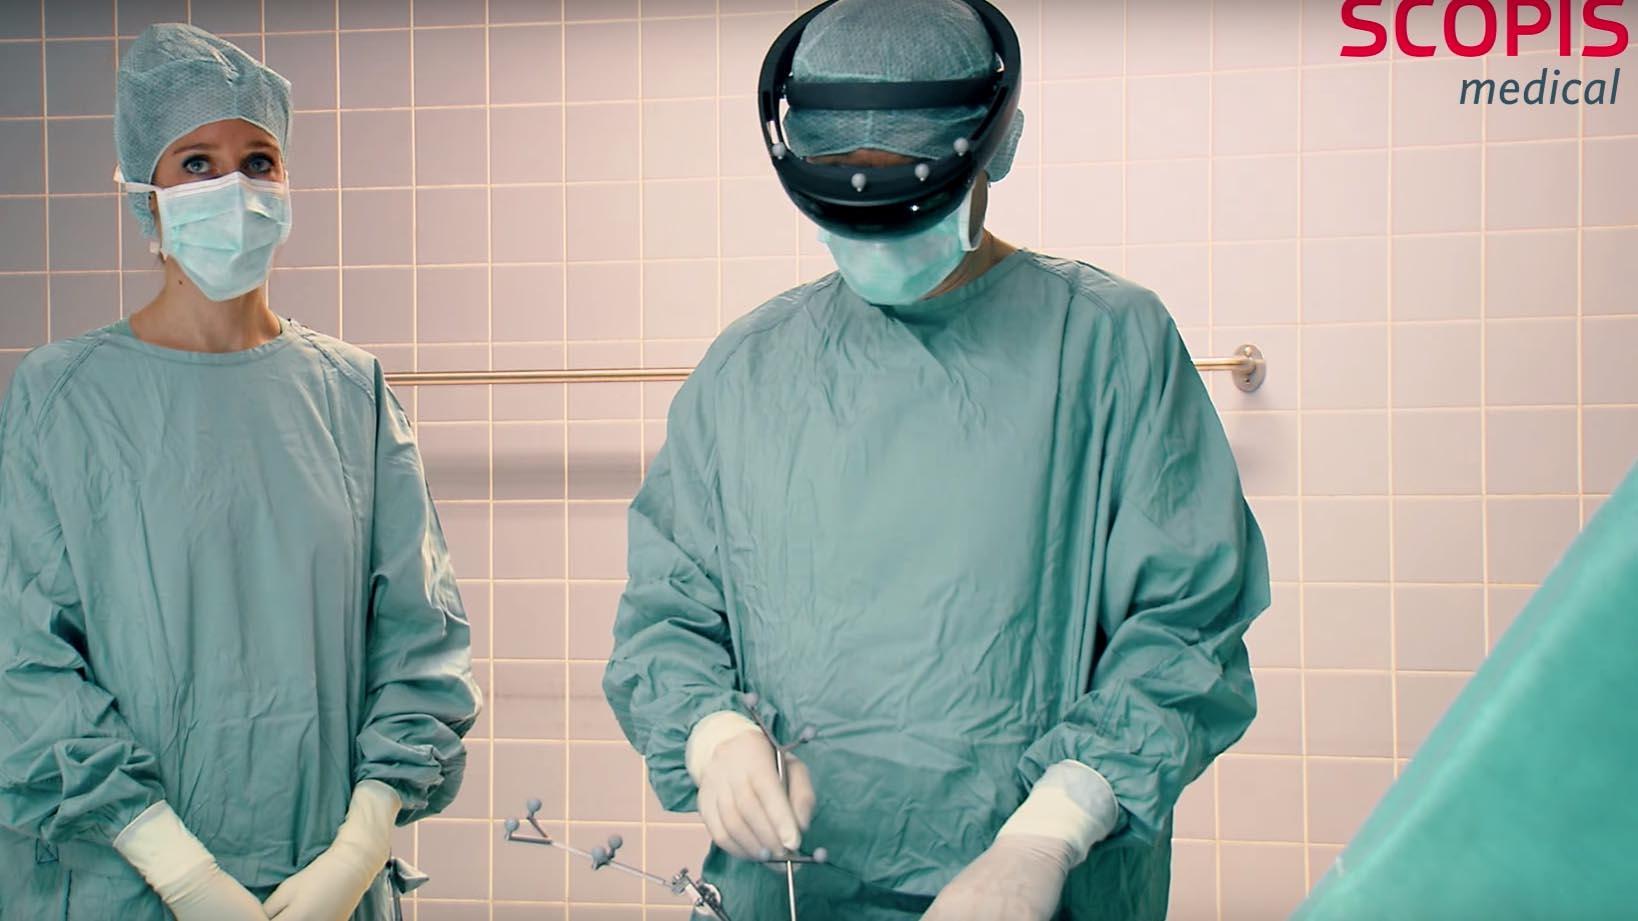 Microsoft Hololens presto in camera operatoria nella chirurgia spinale